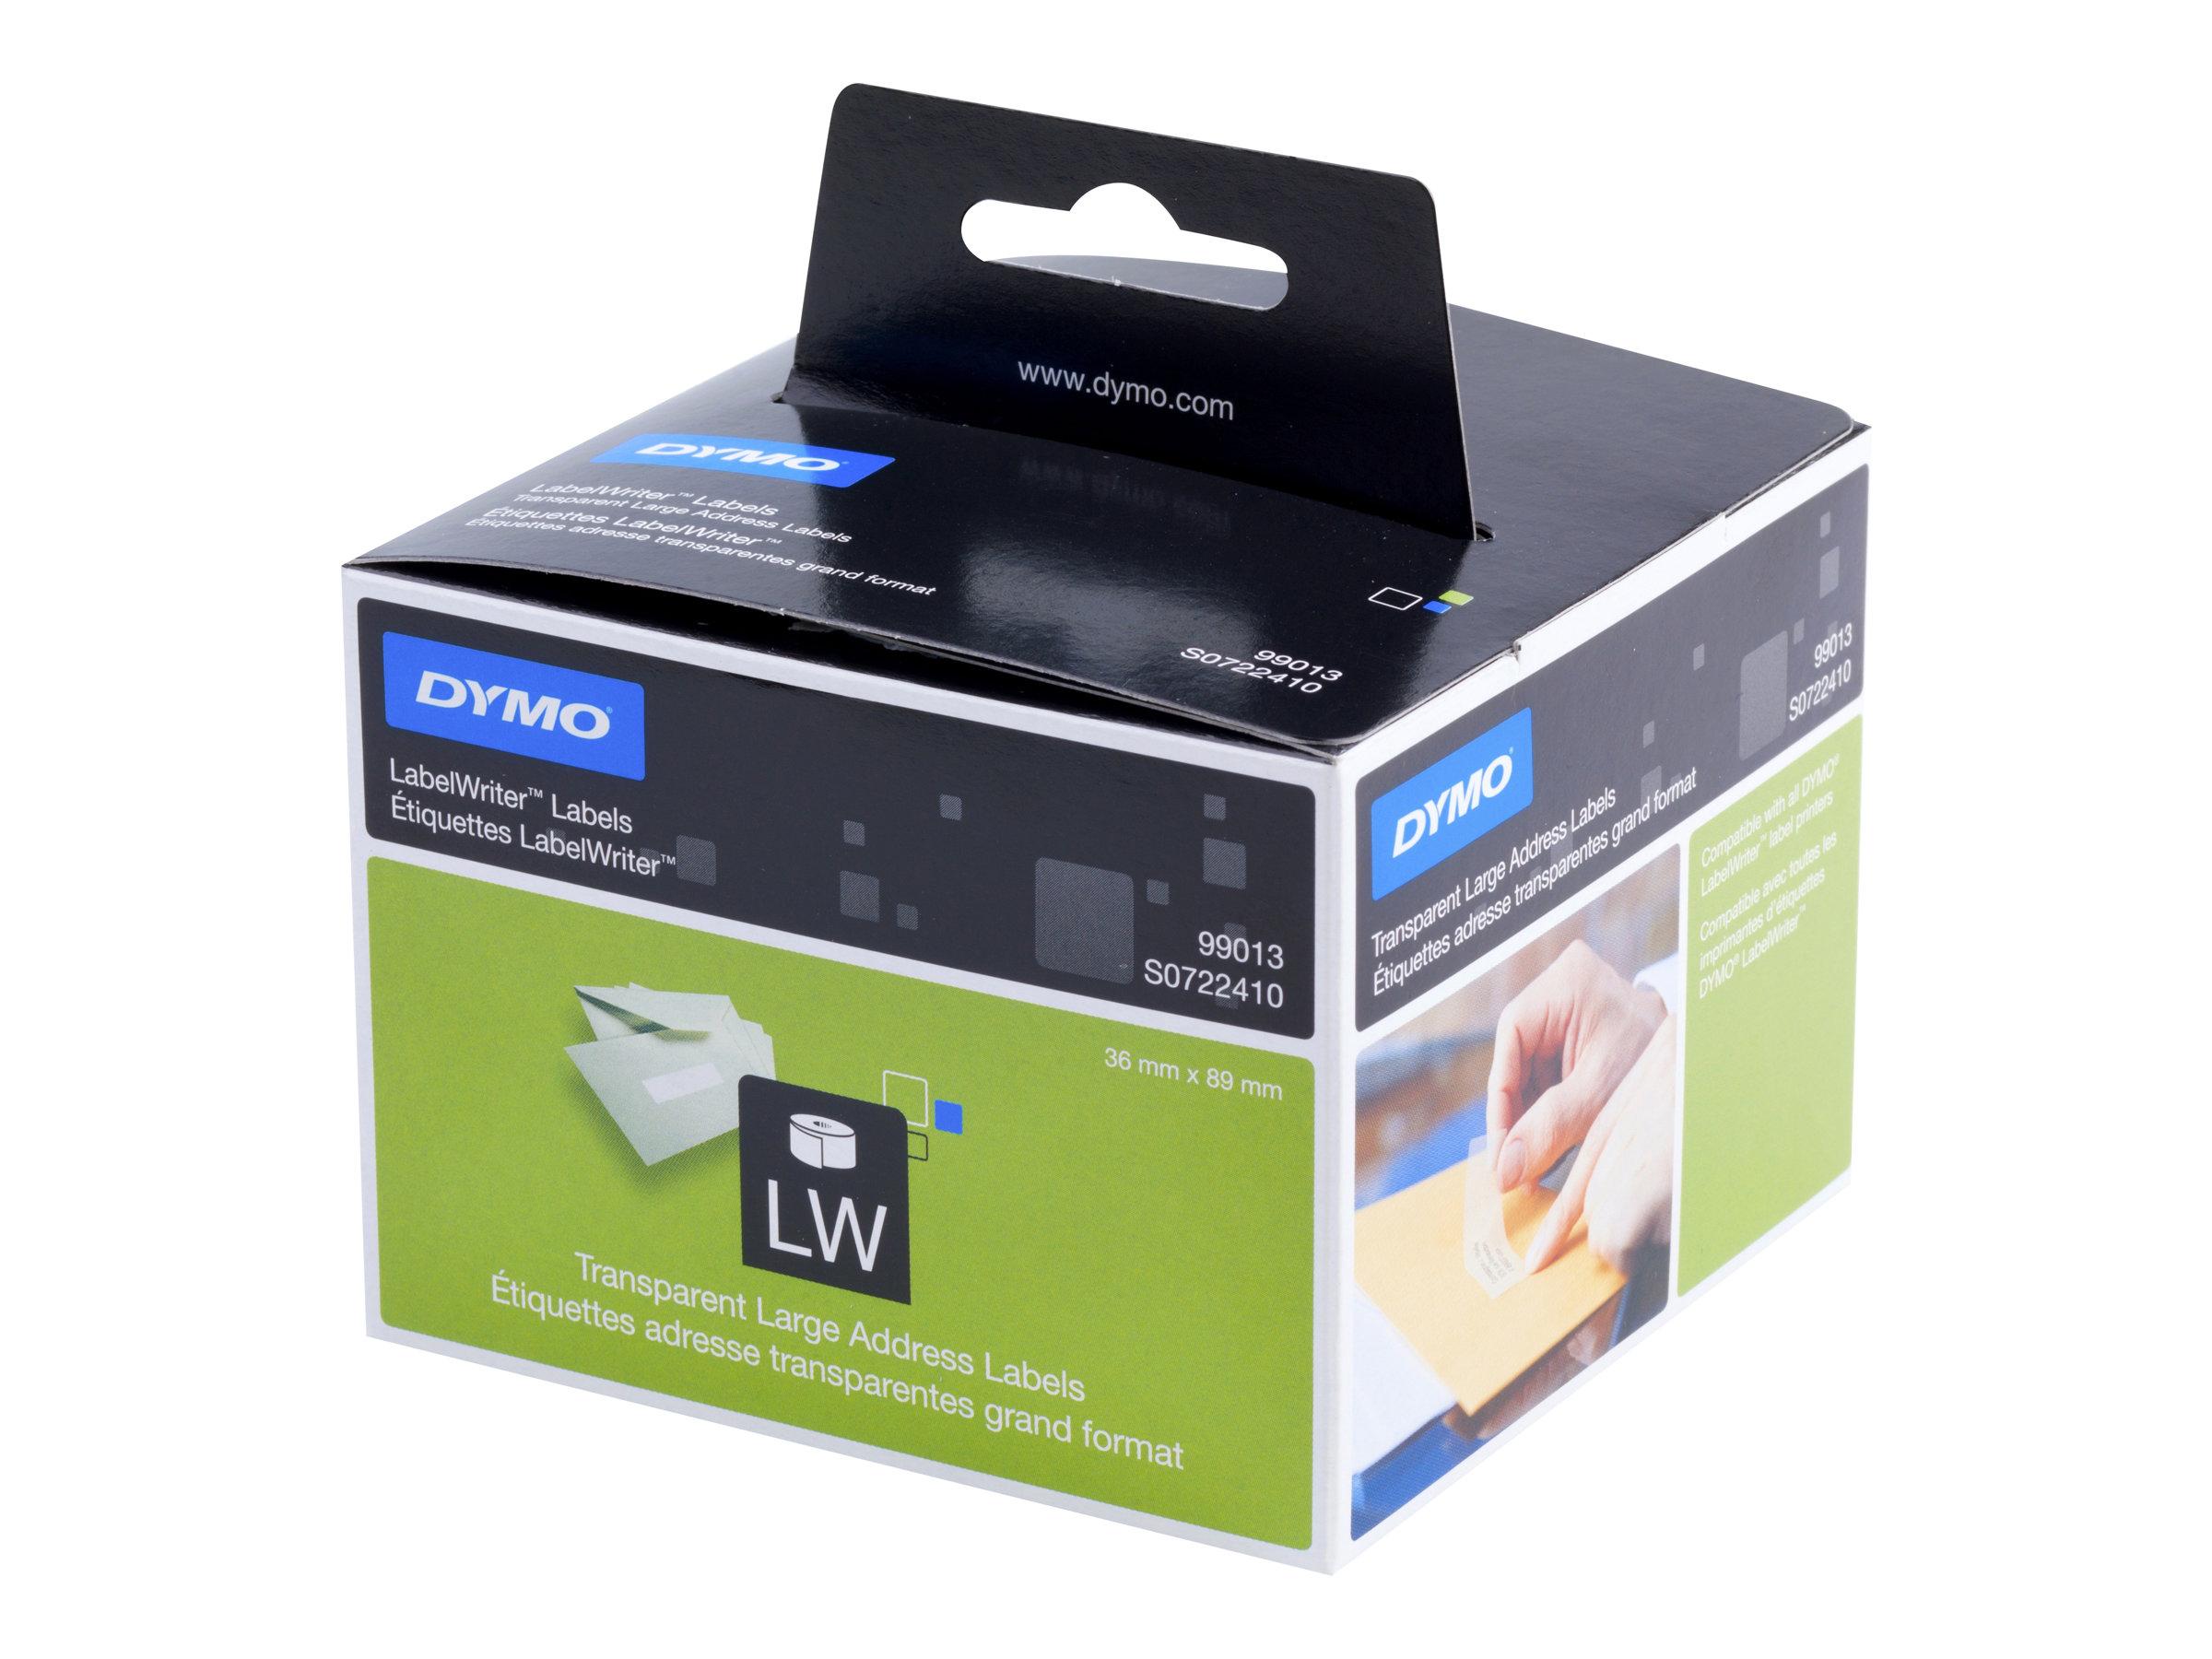 DYMO LabelWriter - Kunststoff - permanenter Klebstoff - durchsichtig - 36 x 89 mm 260 Etikett(en) (1 Rolle(n) x 260) Adressetike